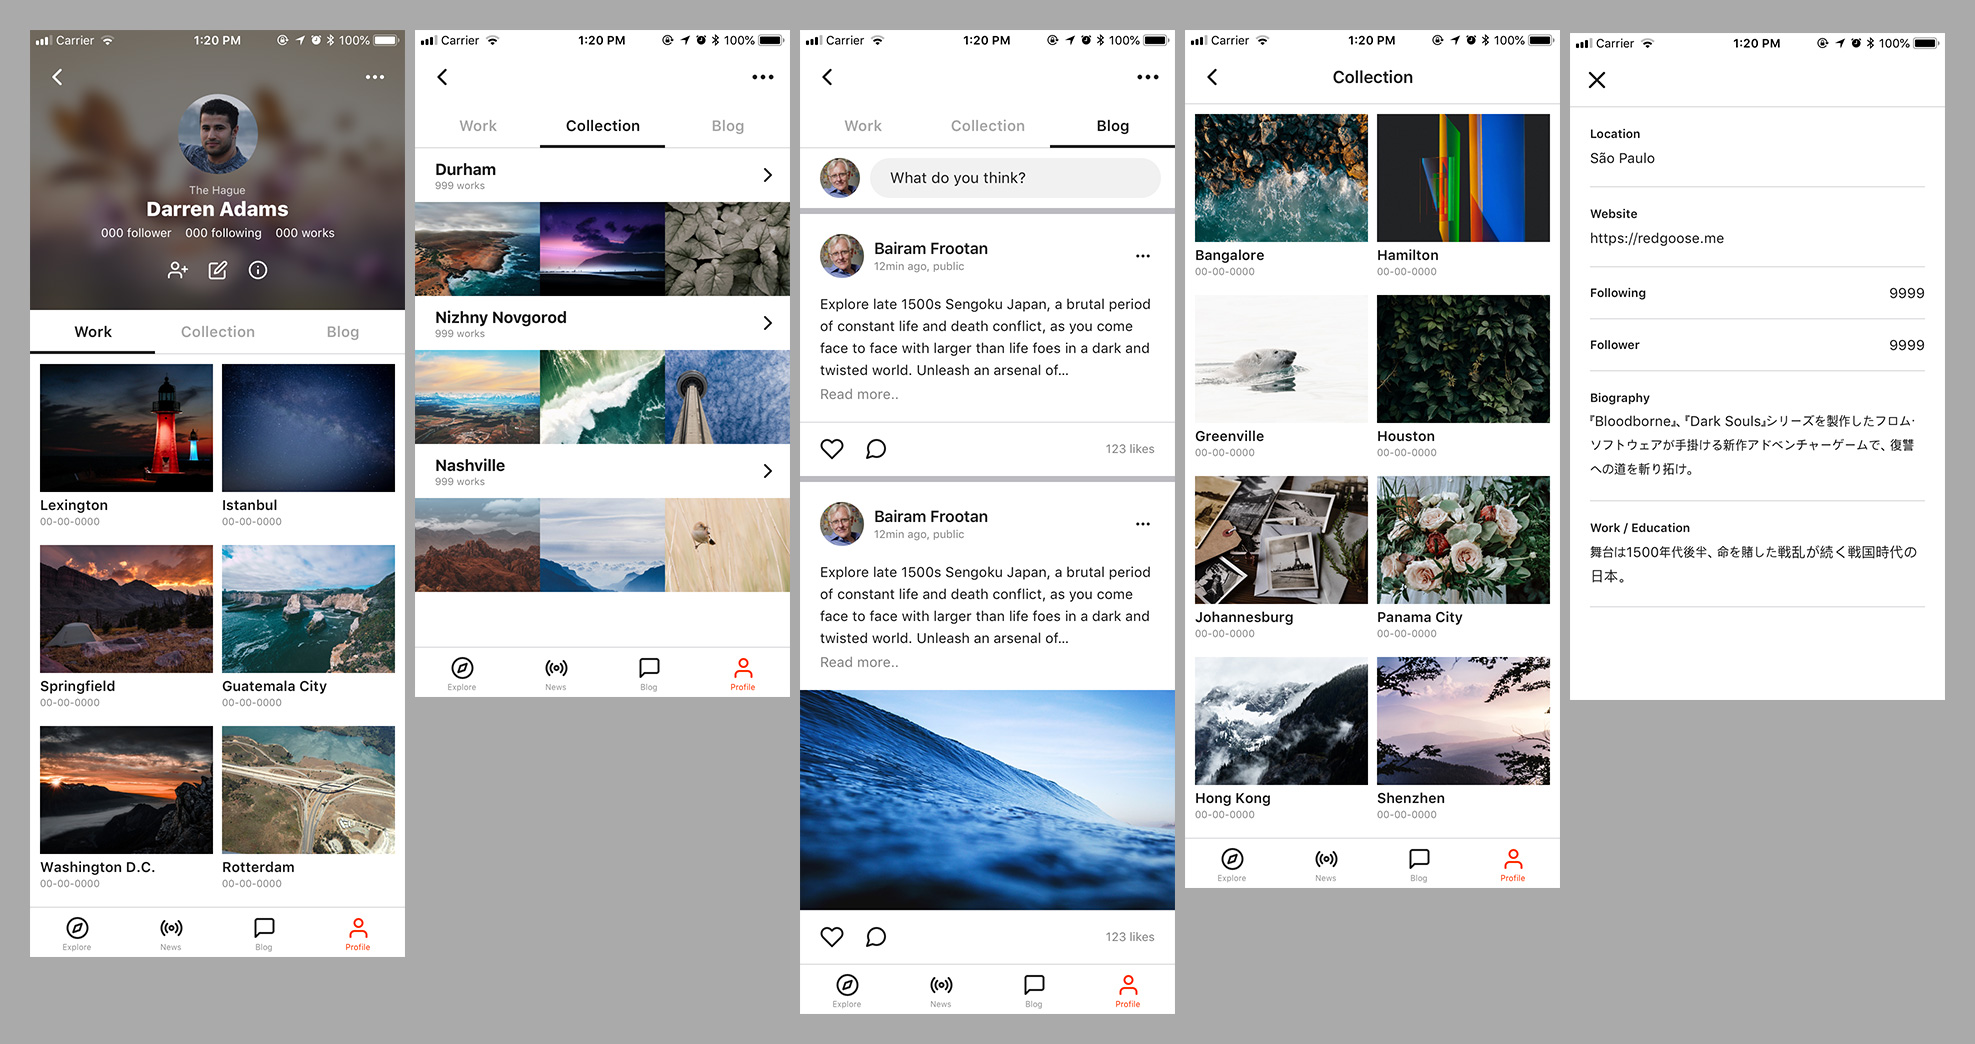 bbuzzart-2019-app-014.jpg